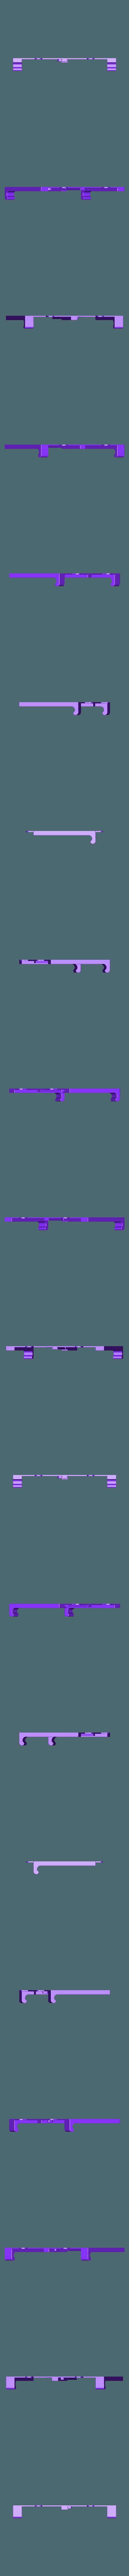 soporte.stl Télécharger fichier STL gratuit Support de téléphone pour écran de navigation des médias • Objet pour imprimante 3D, filaprim3d